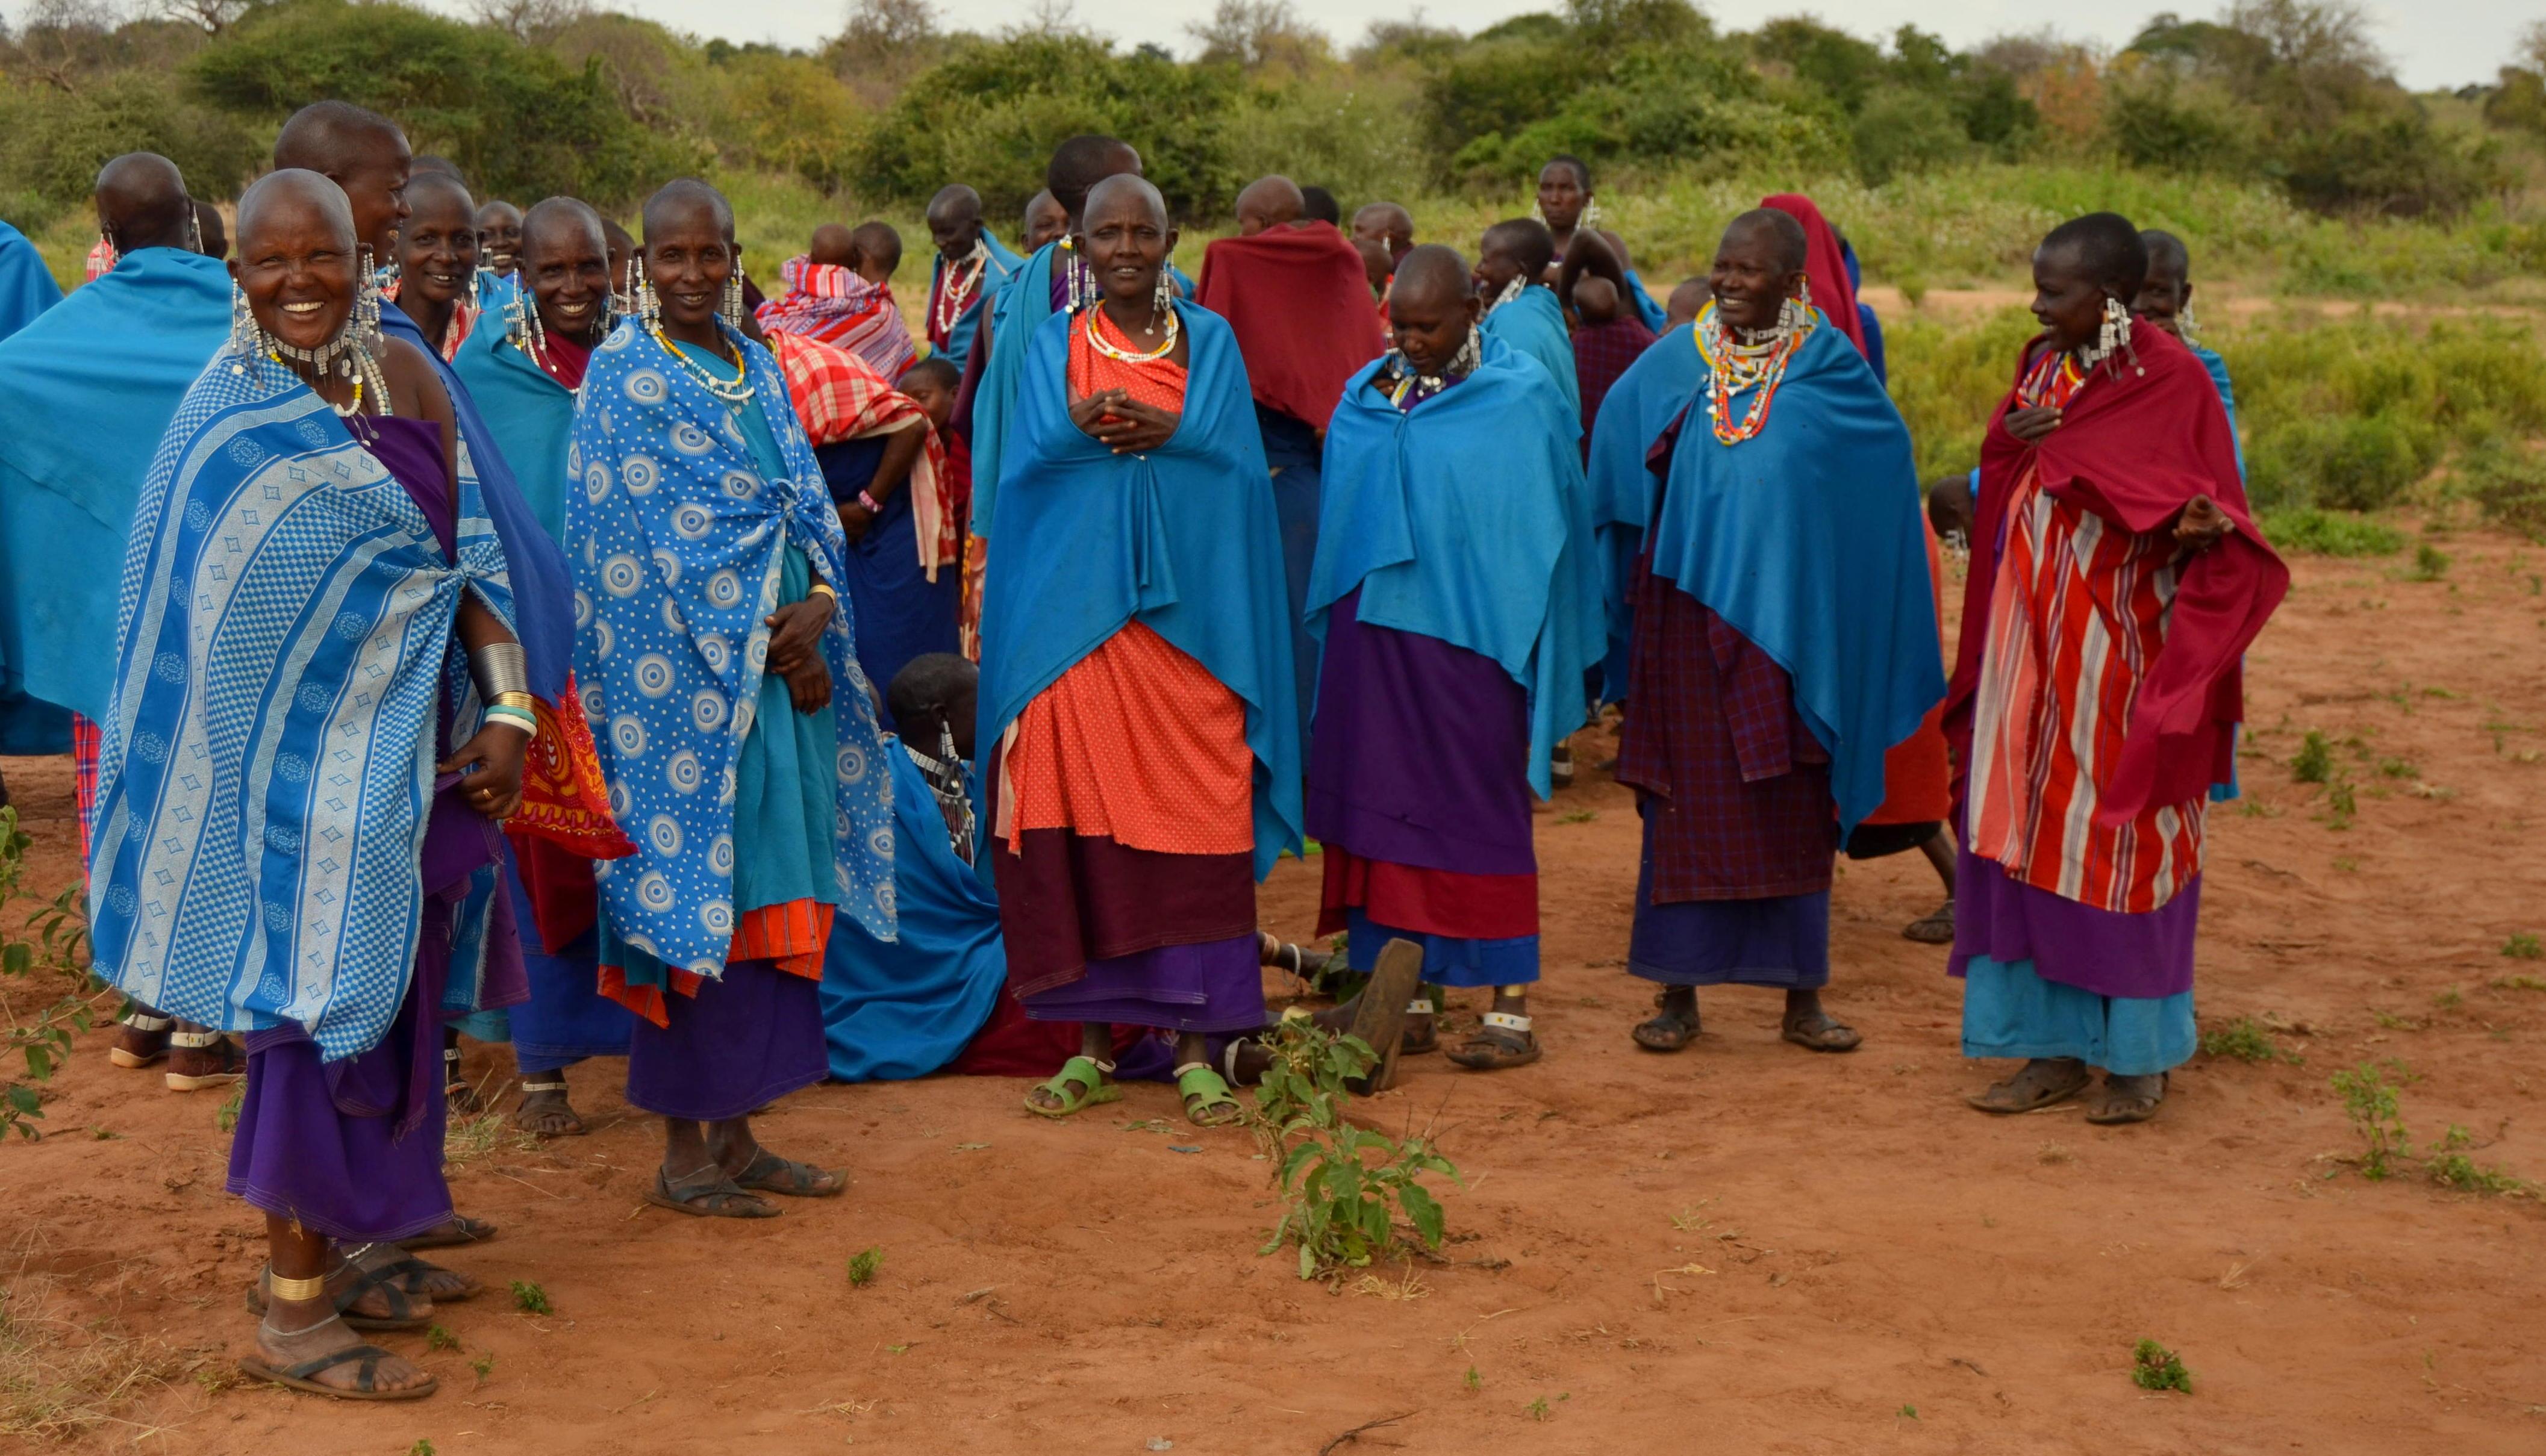 Masajky si tradičně holí hlavu a zdobí se bohatou bižuterií, kterou si vyrábějí samy nebo kupují na masajských trzích.